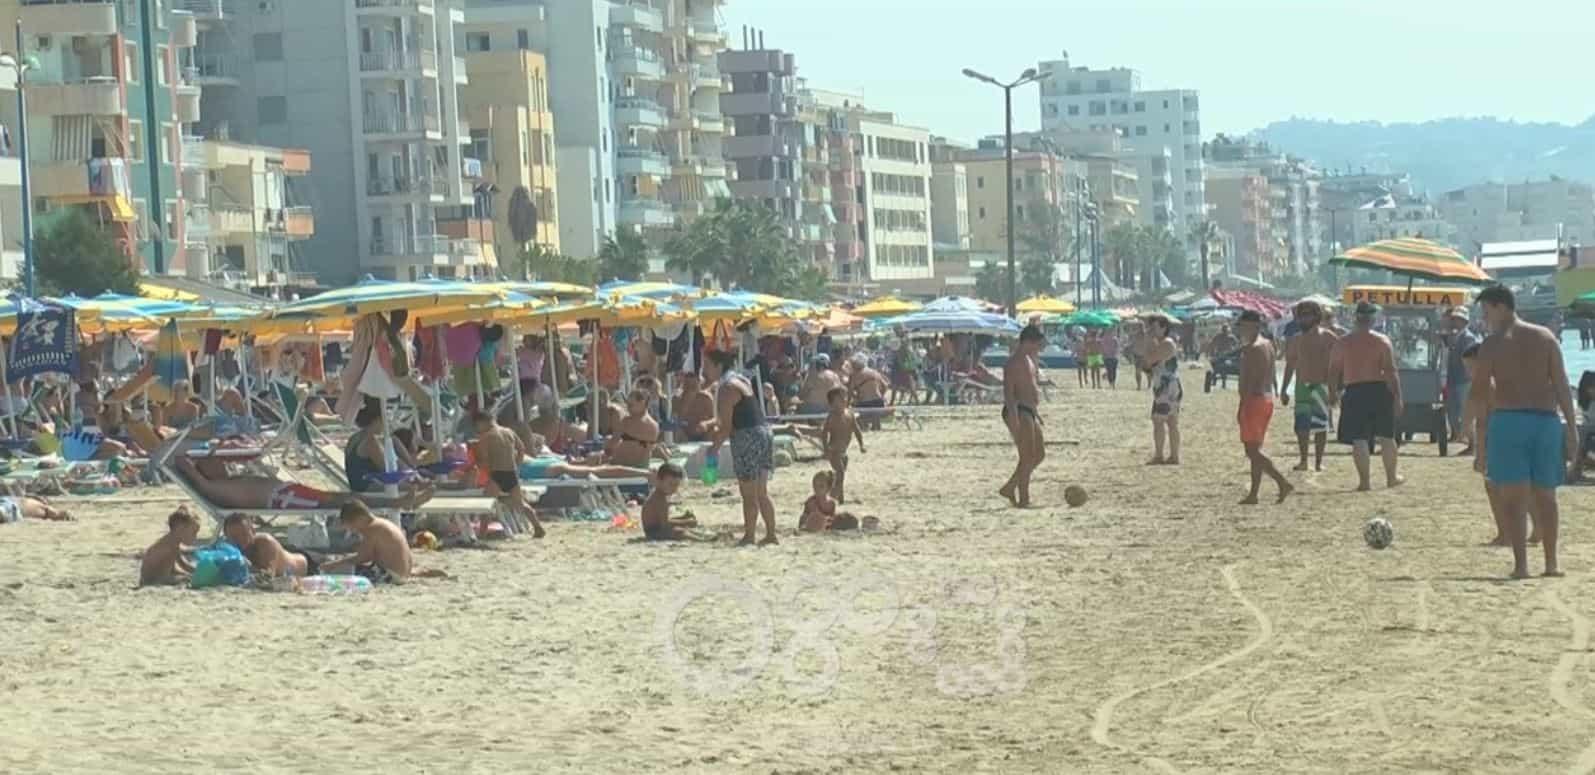 Taksa e qytetit në faturën e hotelit, surprizon turistët në plazhin e Durrësit